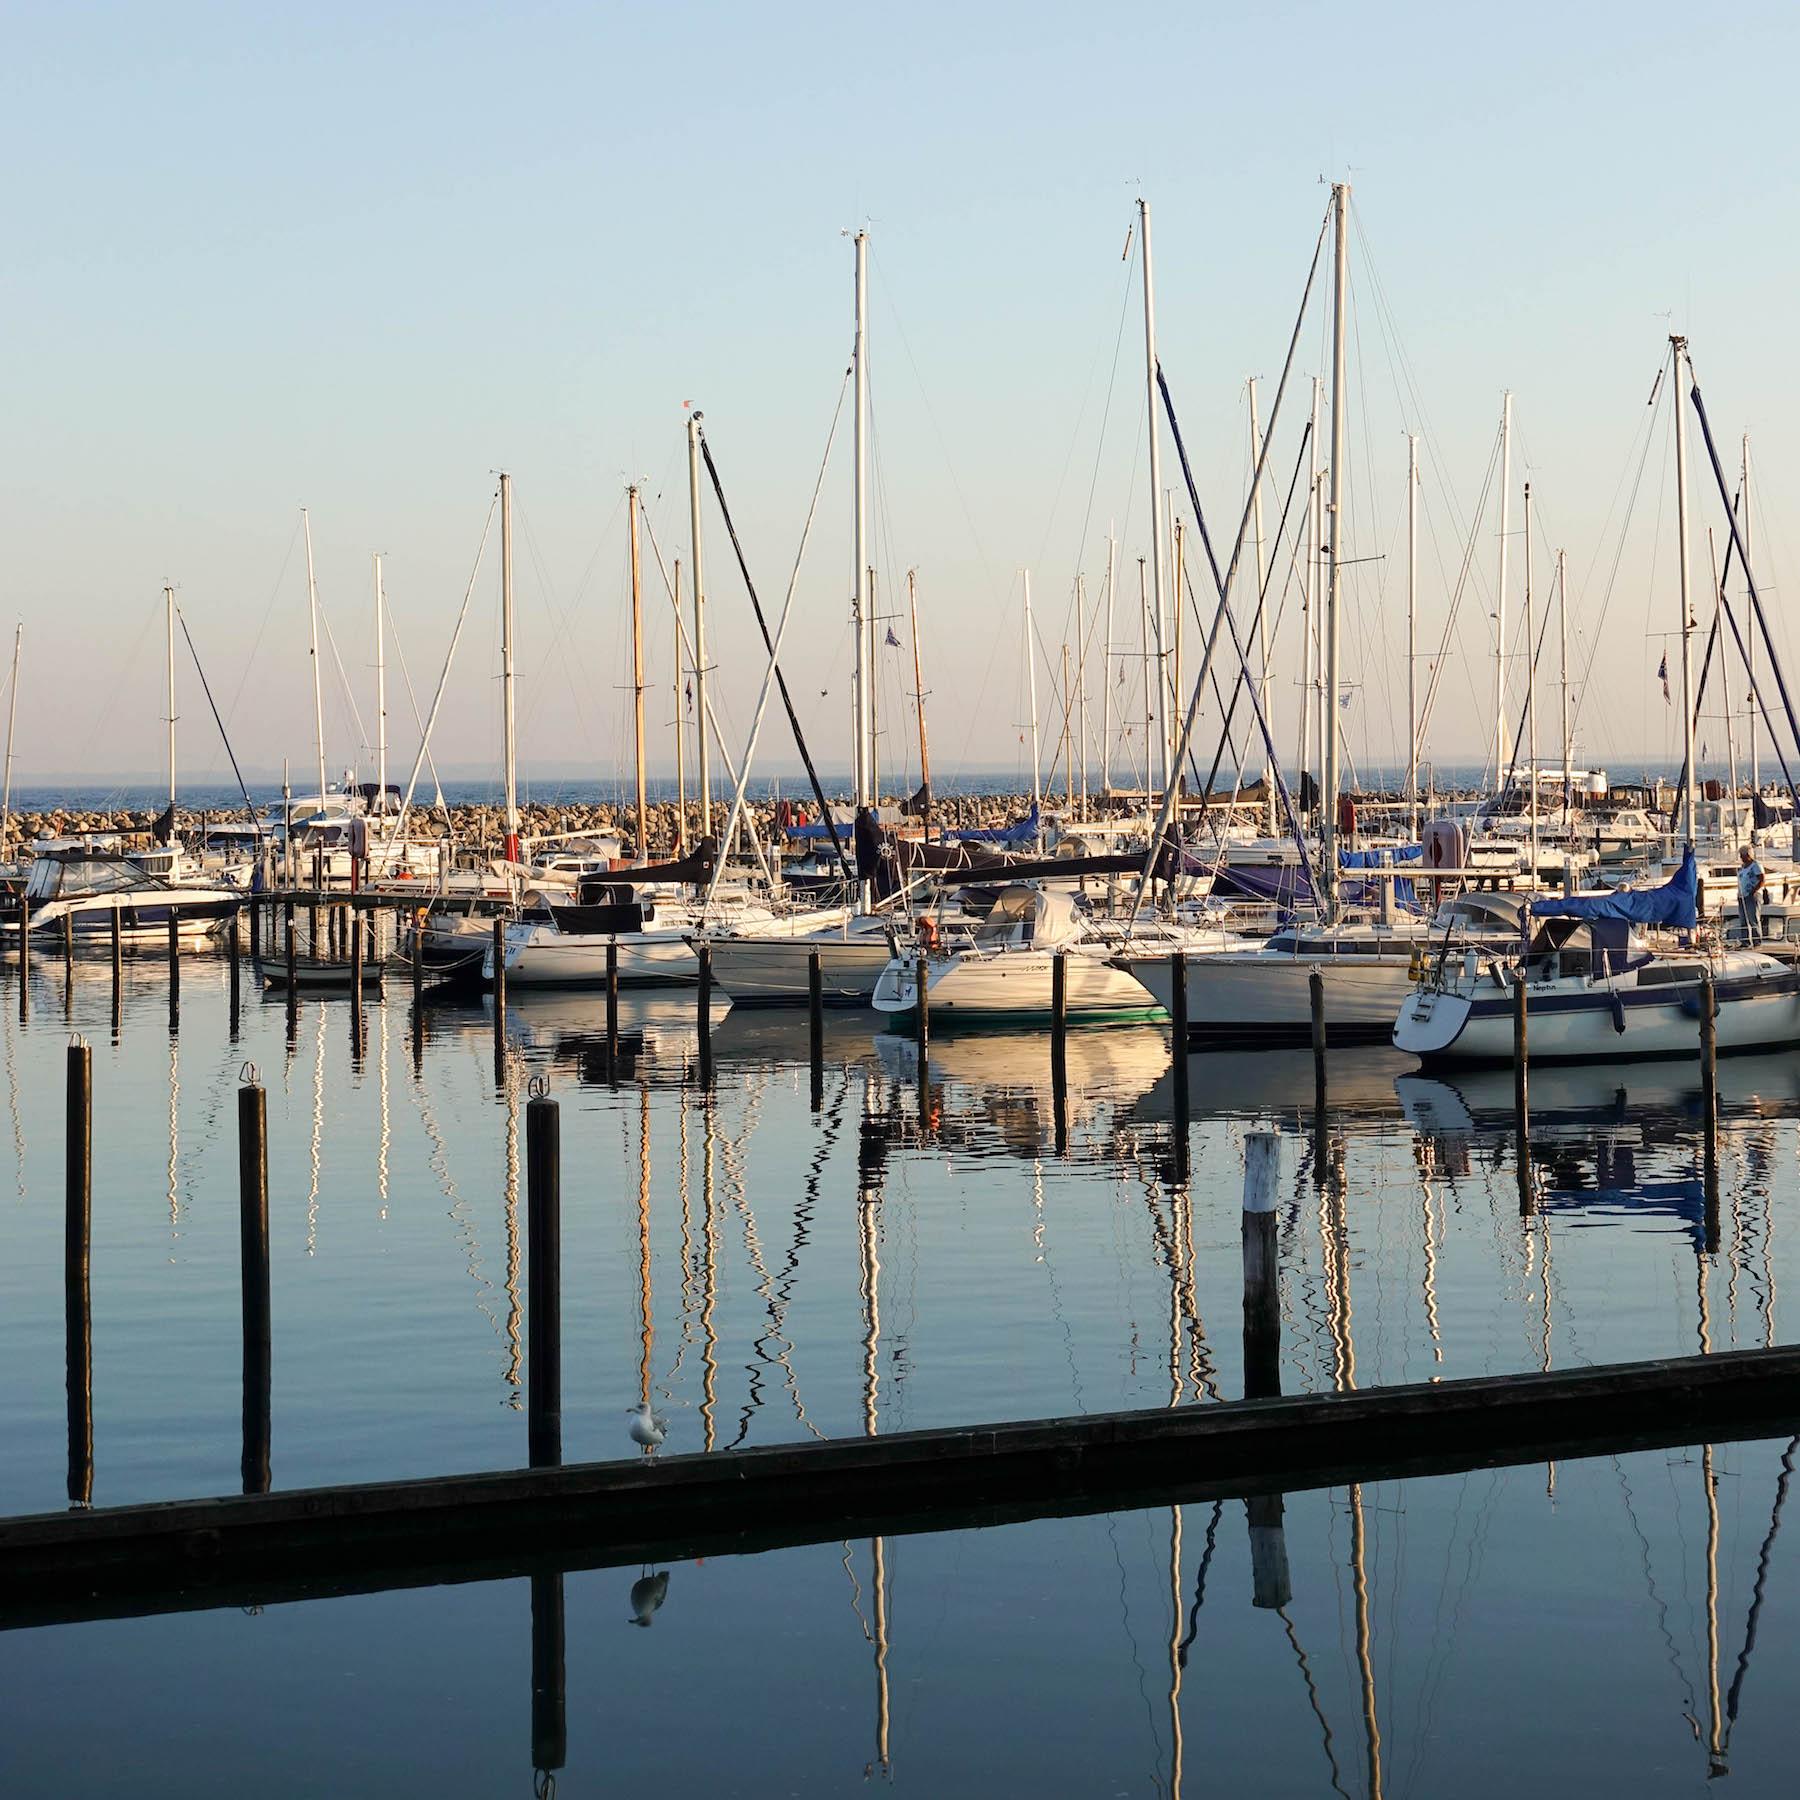 Weekly update Grömitz Hafen segeln sommer-wetter suelovesnyc_weekly_update_sommer_wetter_hafen_gromitz_ostsee_segeln